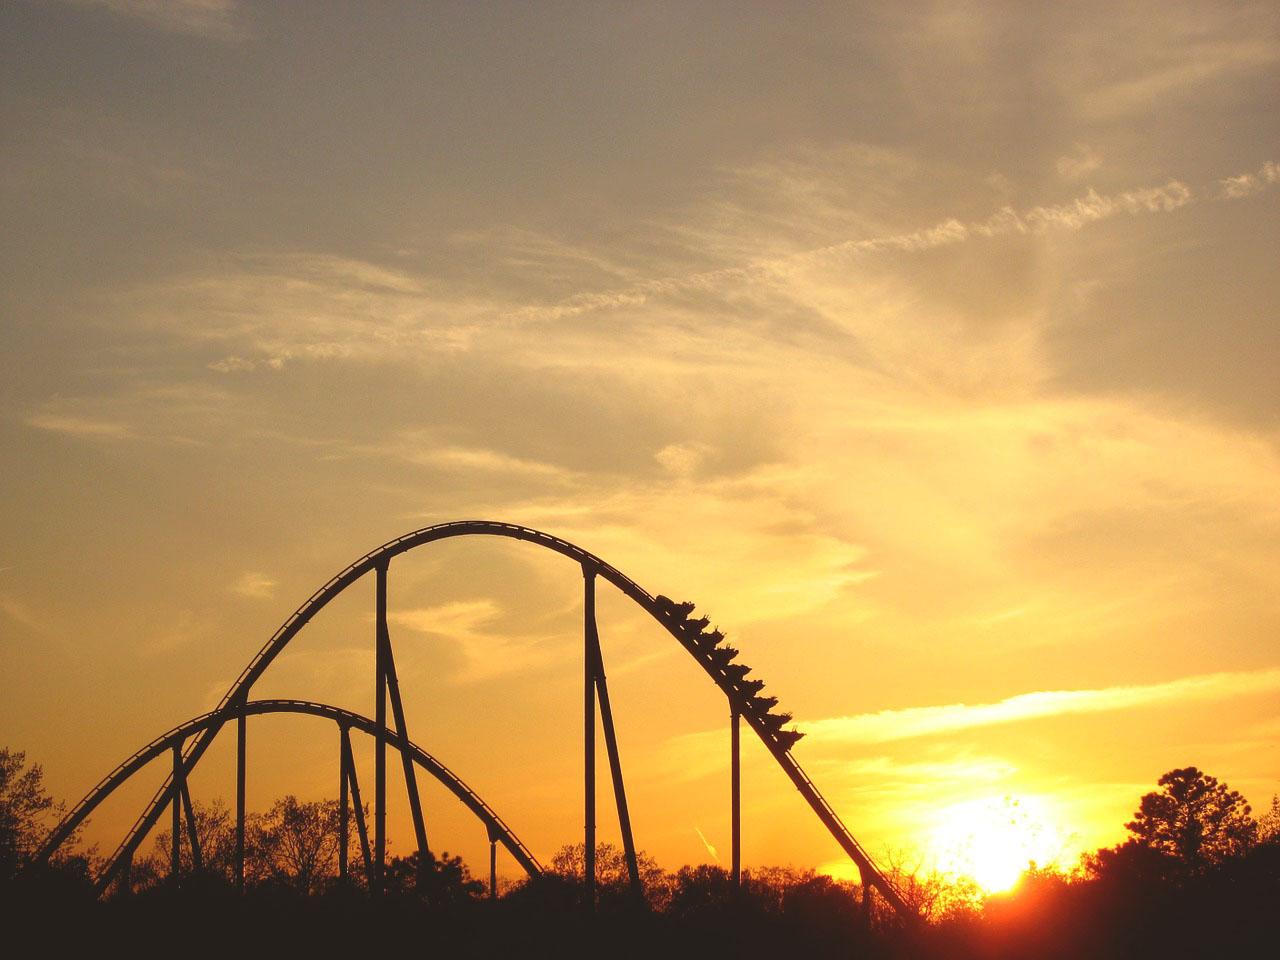 Roller-coaster-edit01.jpg